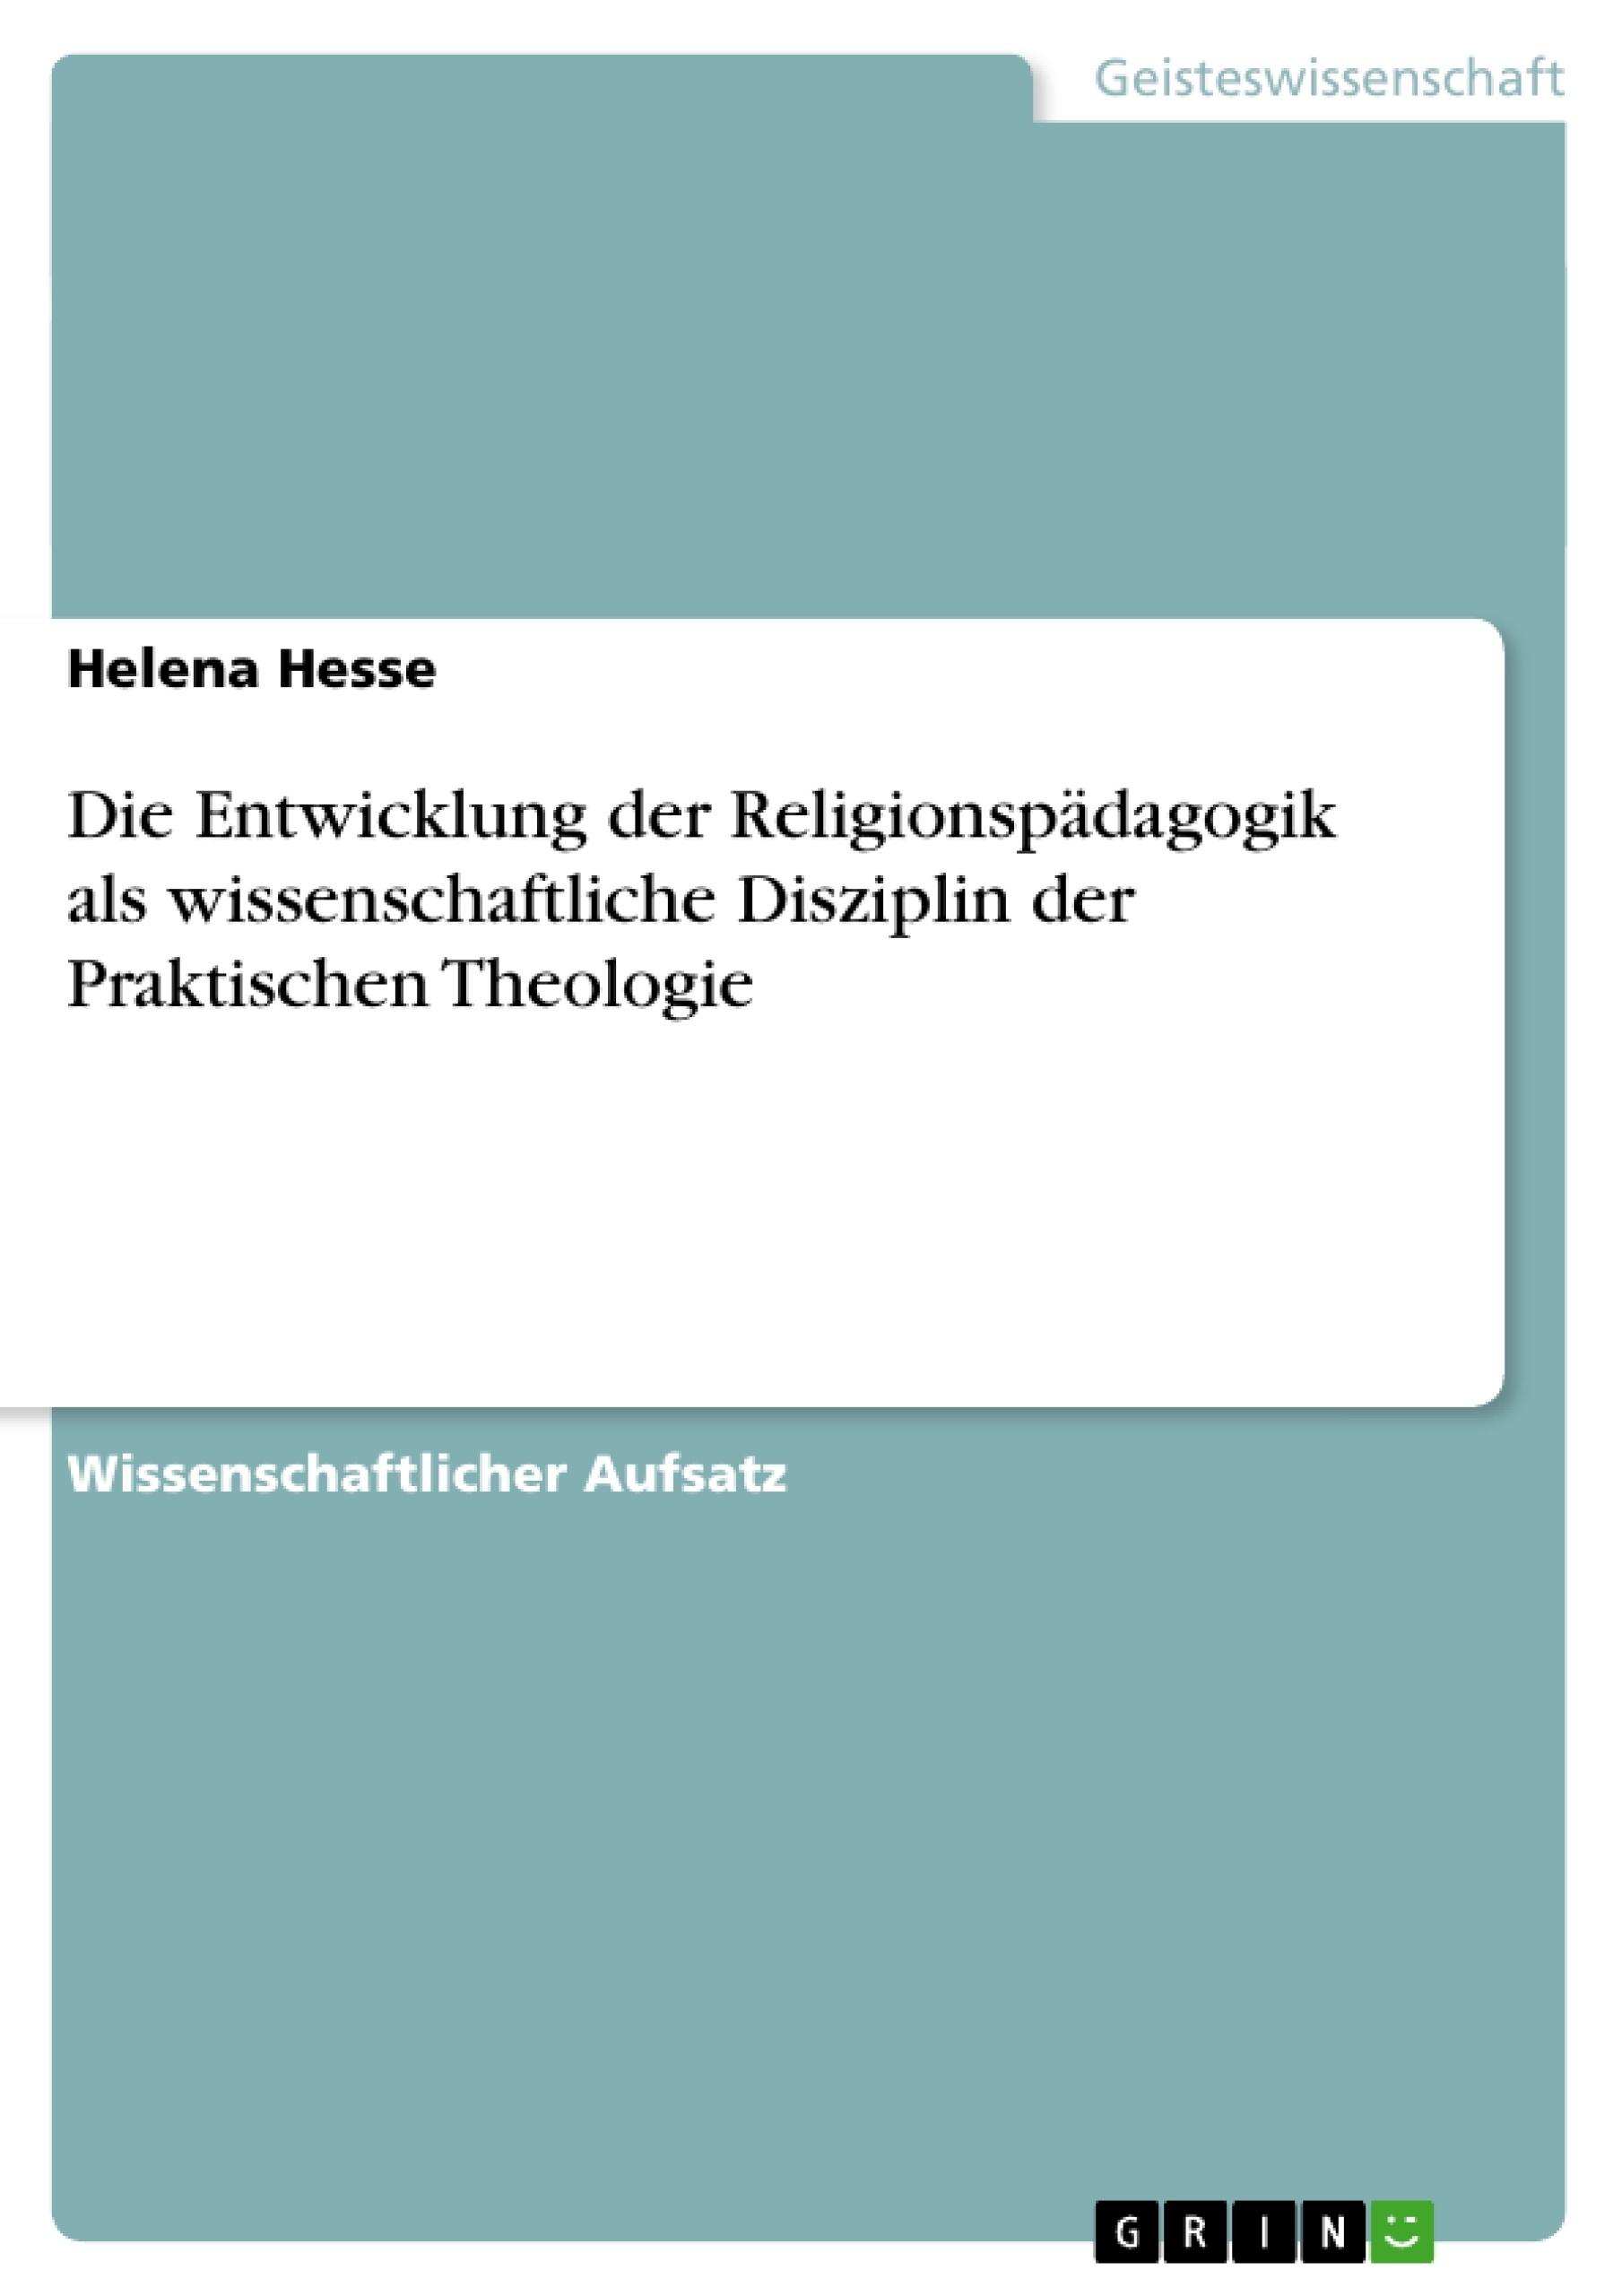 Titel: Die Entwicklung der Religionspädagogik als wissenschaftliche Disziplin der Praktischen Theologie